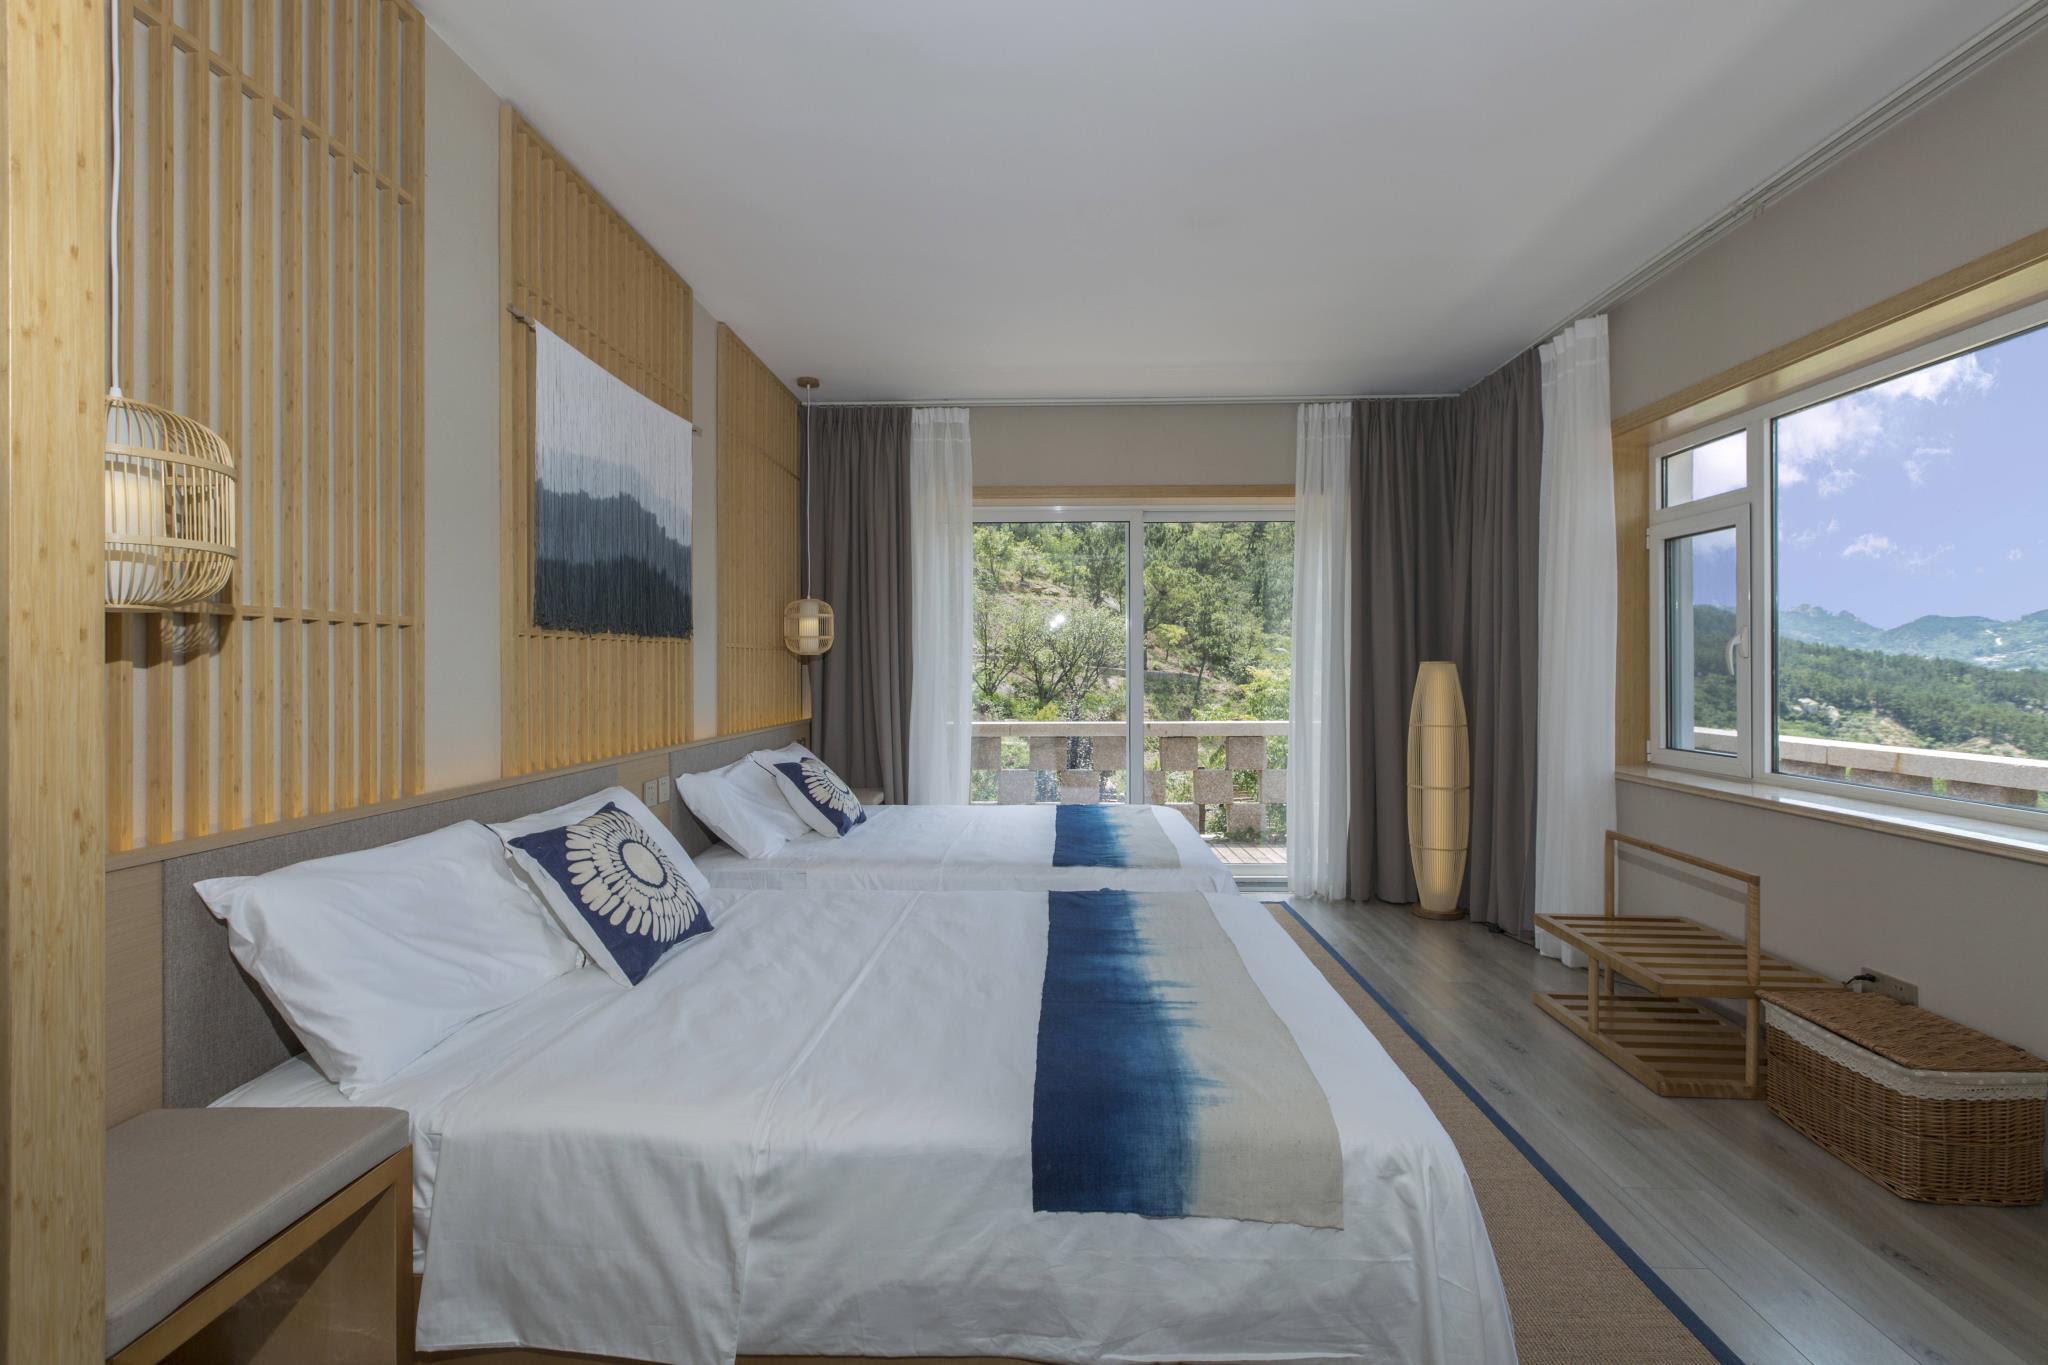 hotel near Qingdao Full Mountain View Superior Twin Room-108 Zen